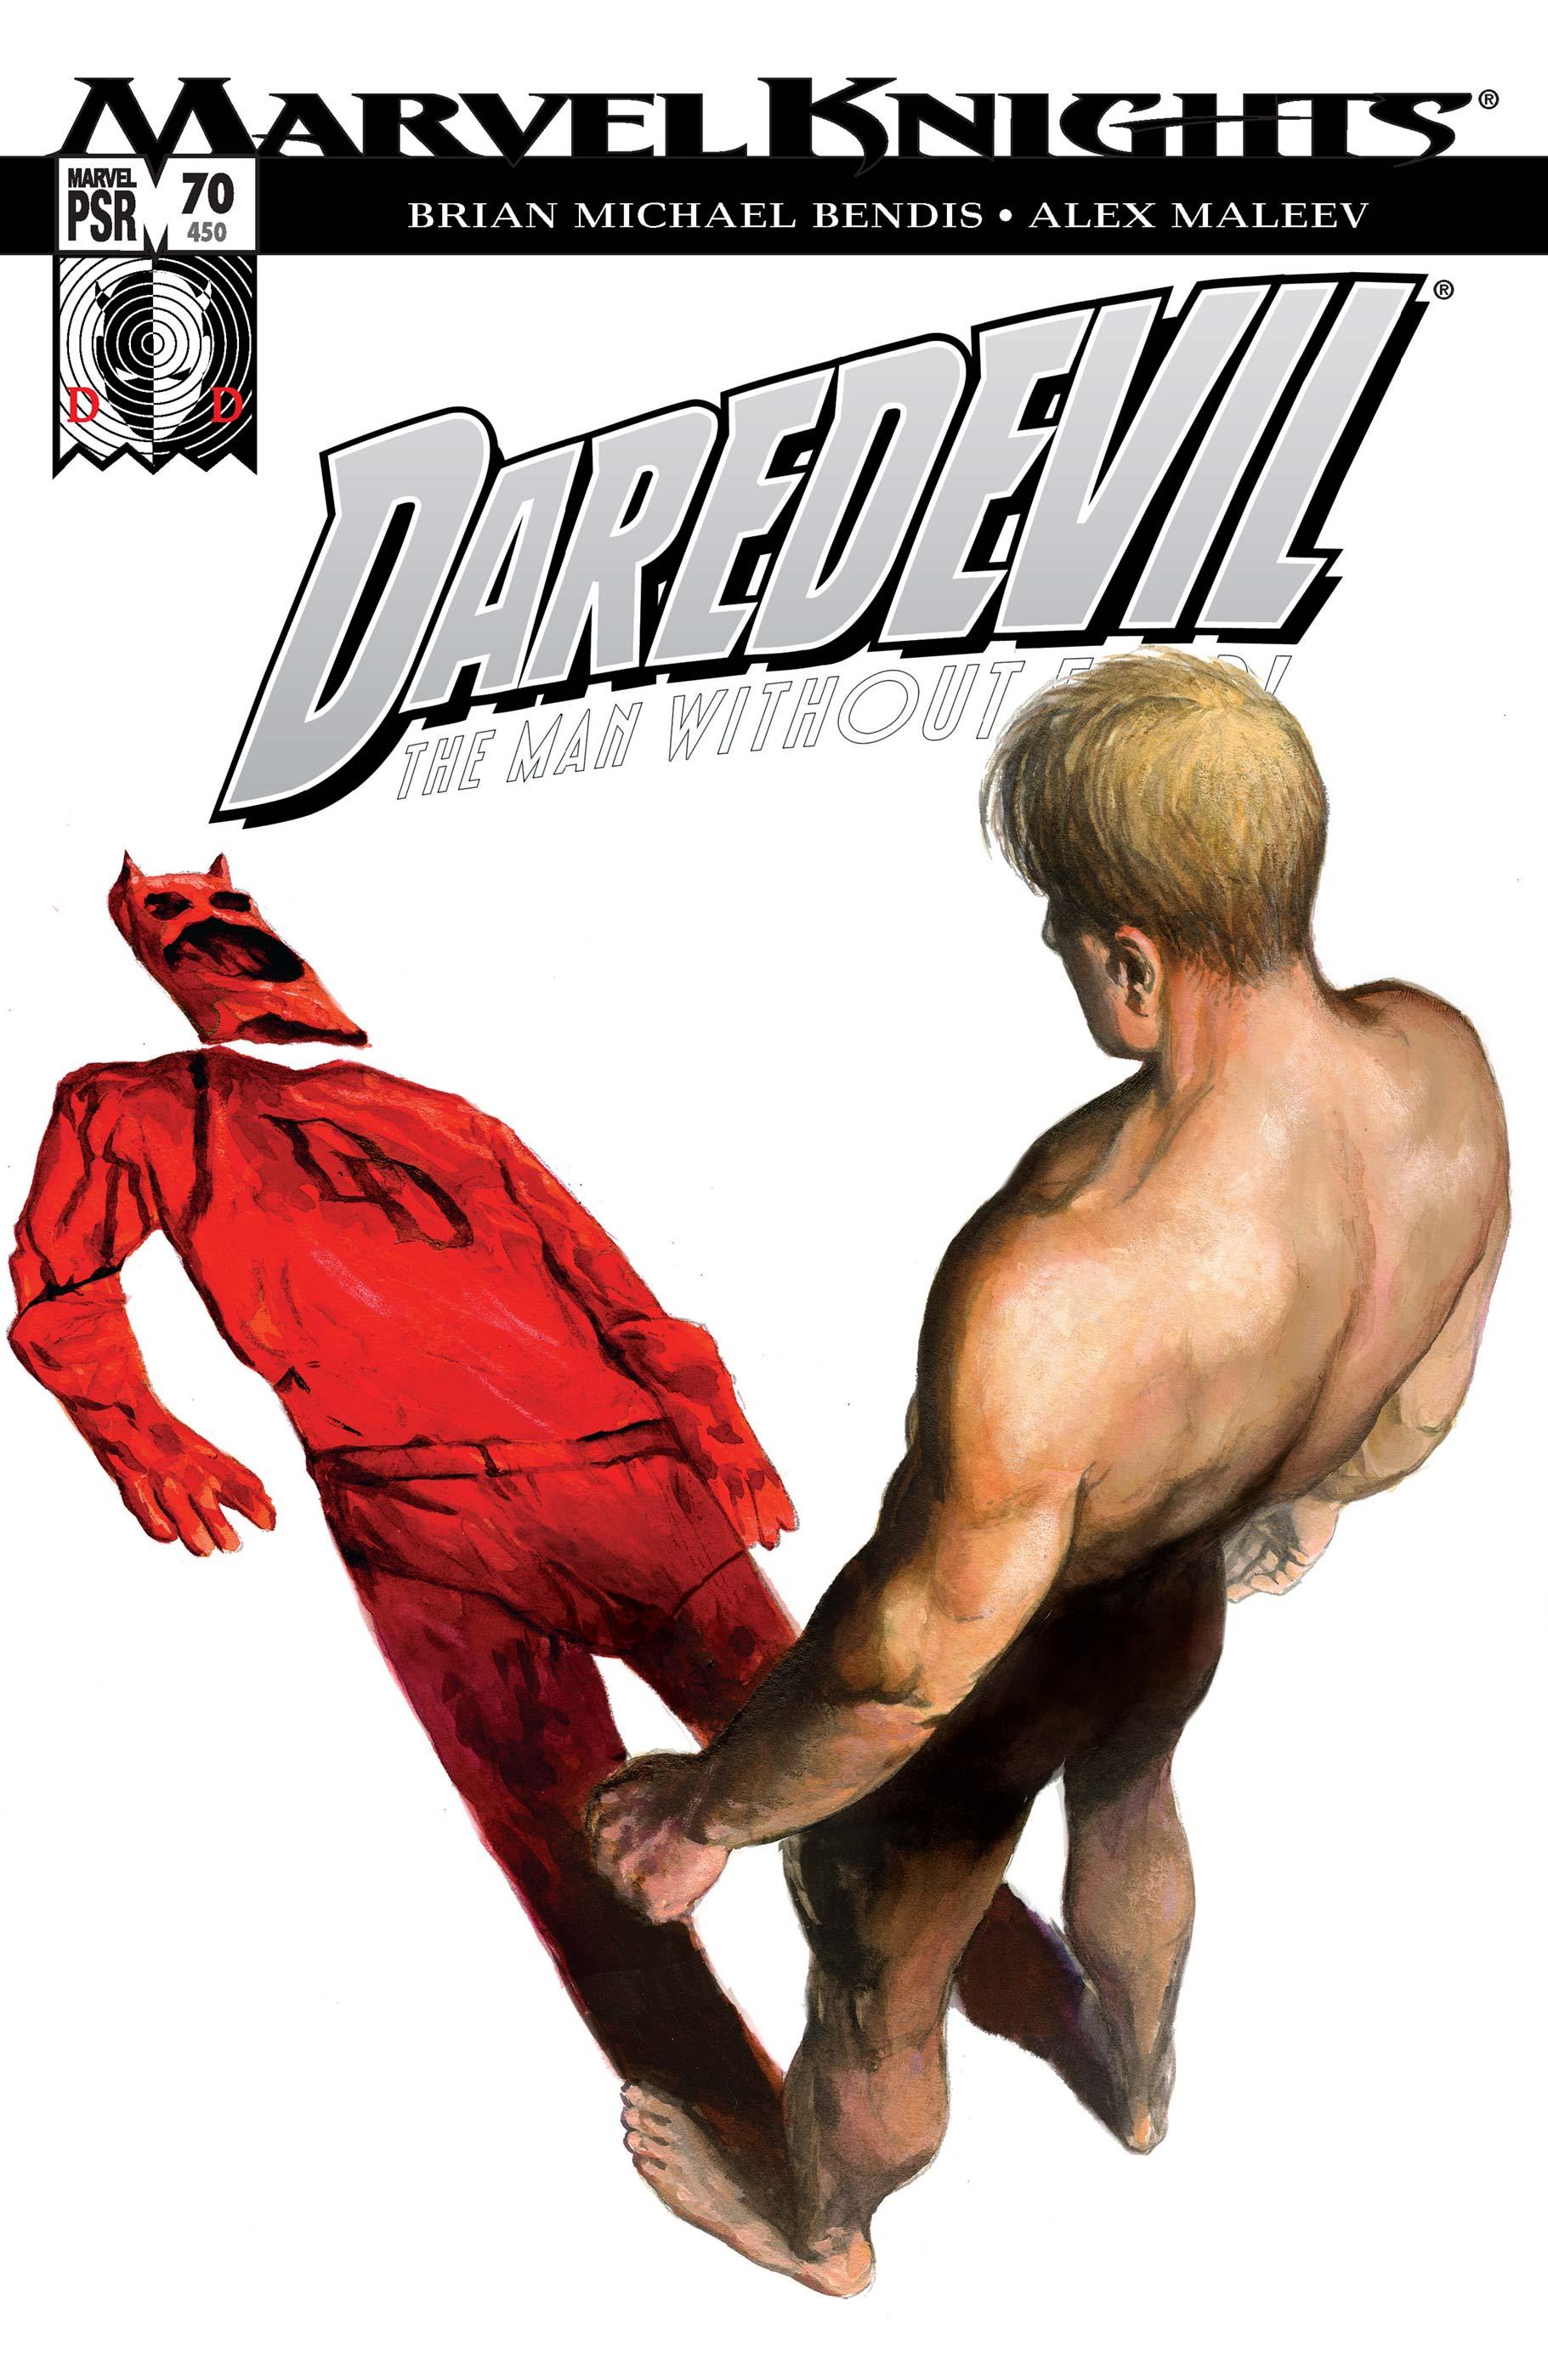 Daredevil (1998) #70